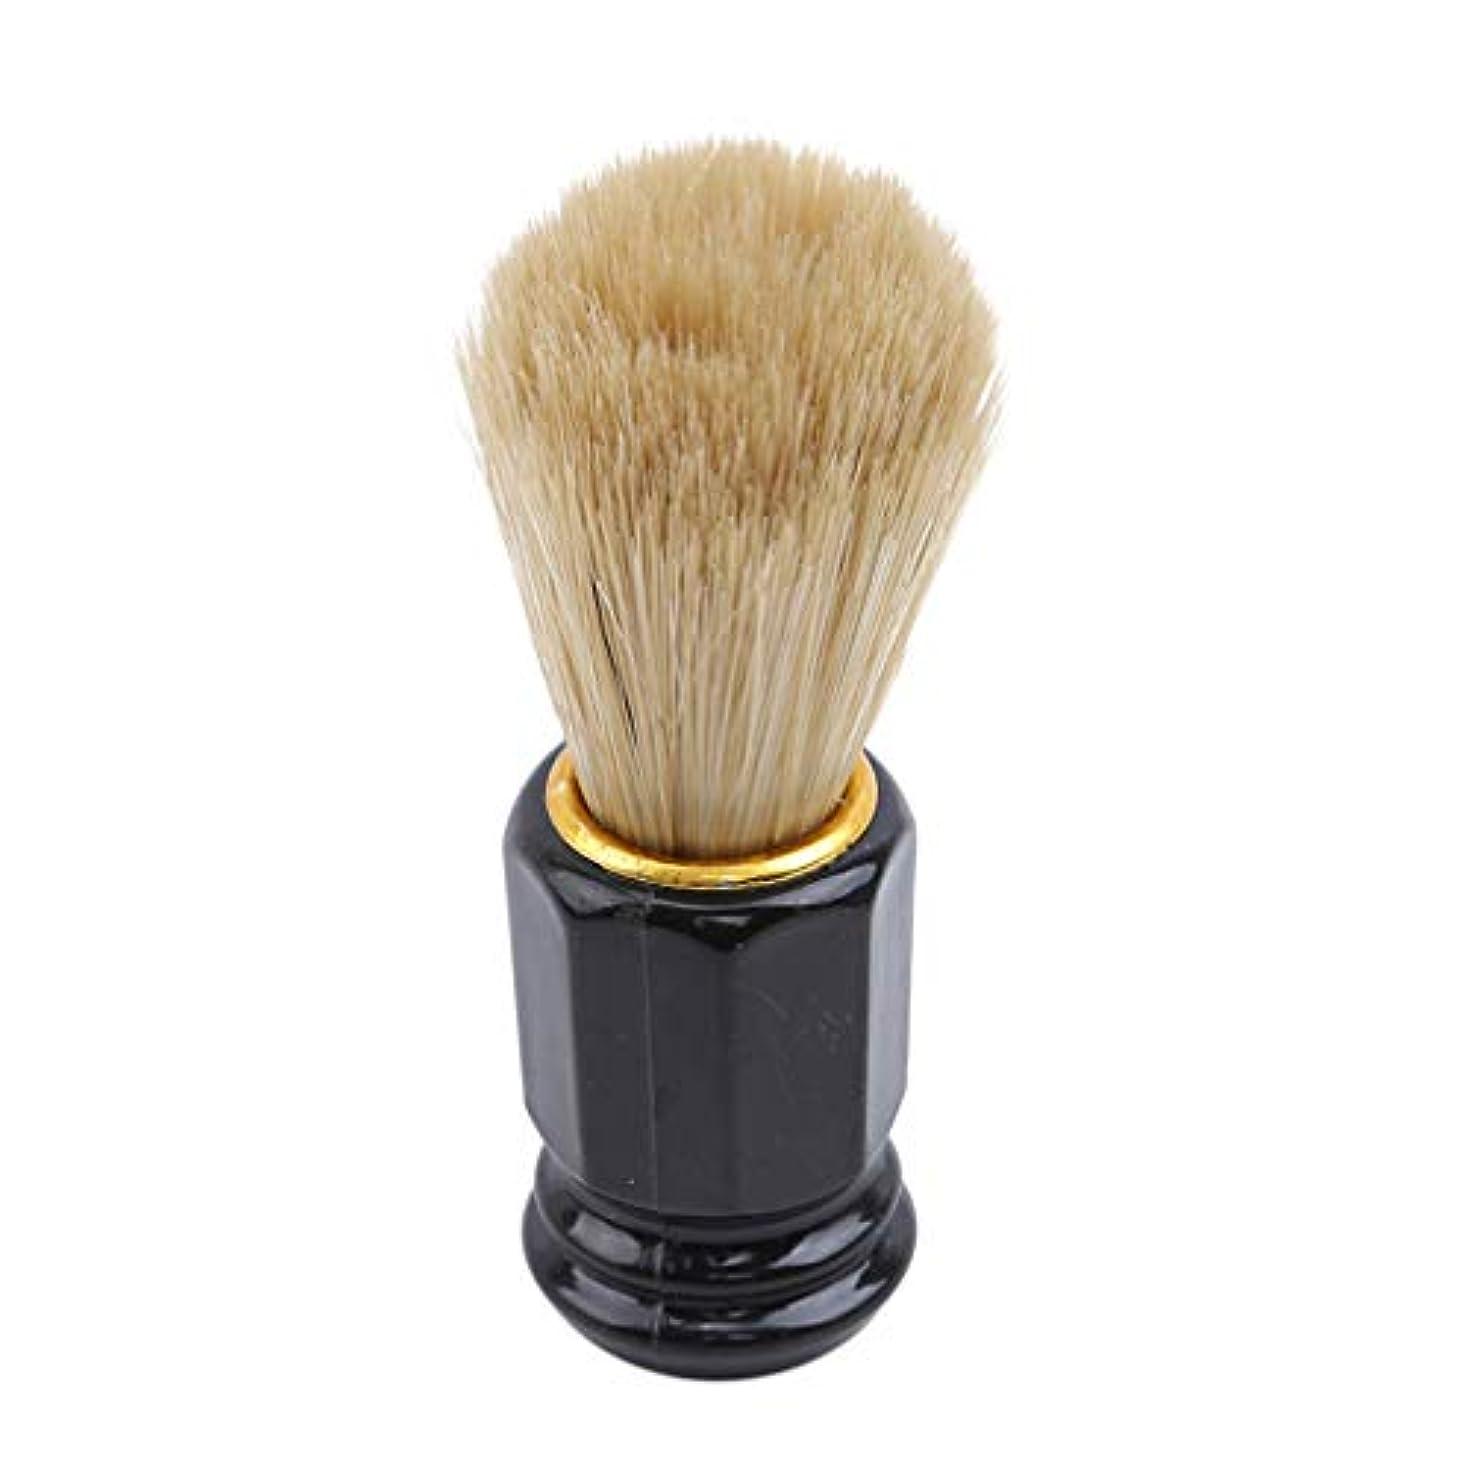 ソブリケット出力コンプリート火の色 ひげブラシ シェービングブラシ 美容ツール 理容 洗顔 髭剃り 泡立ち 男性